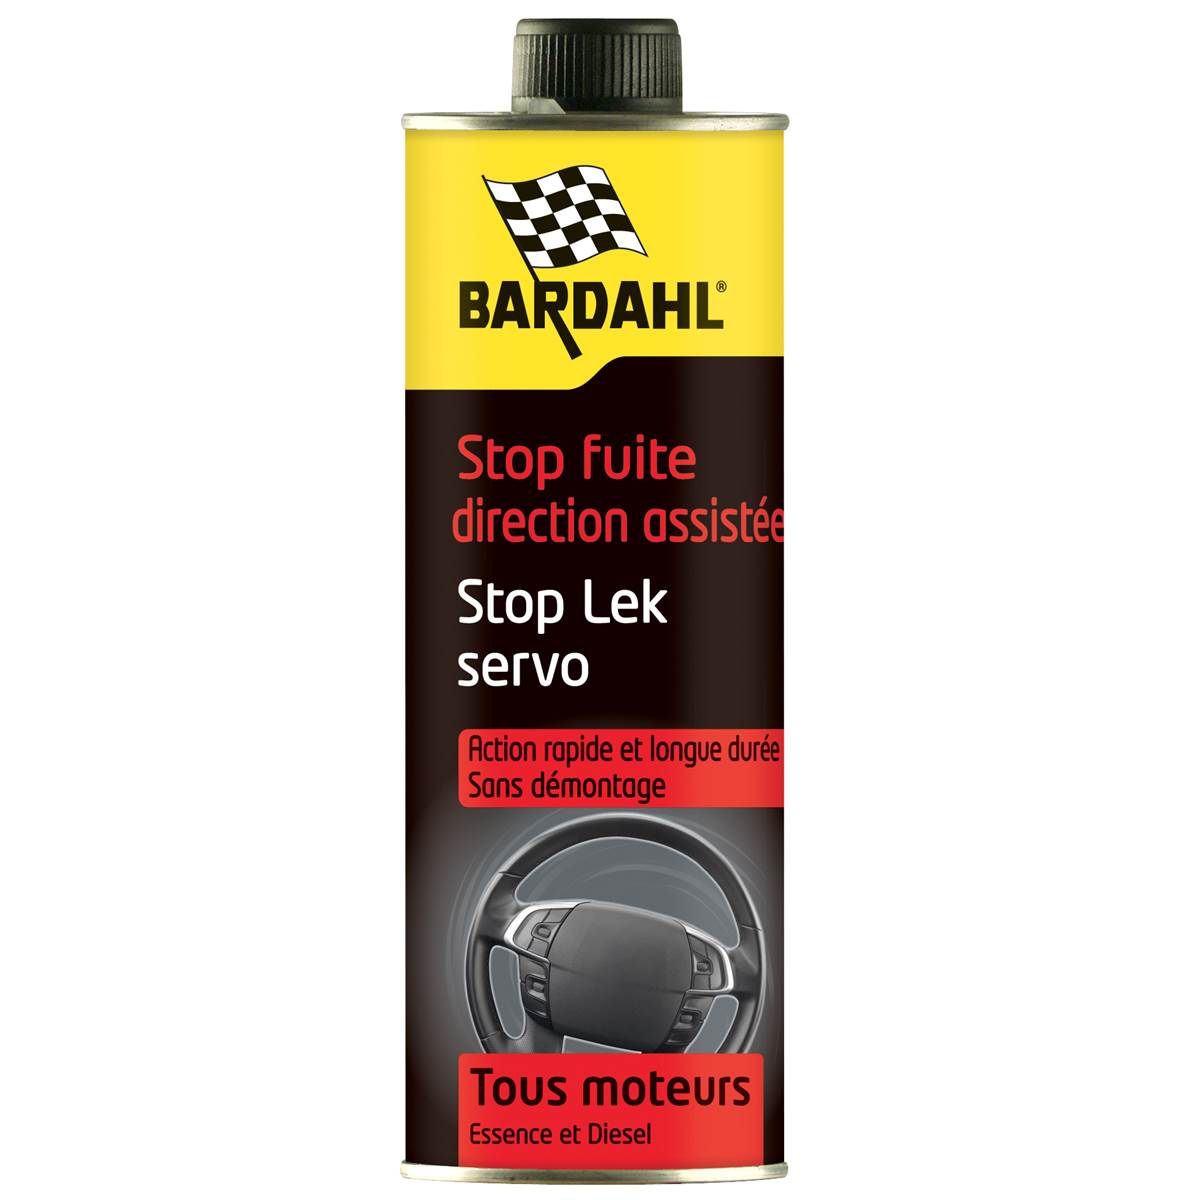 Stop-fuite direction assistée Bardahl 300 ml